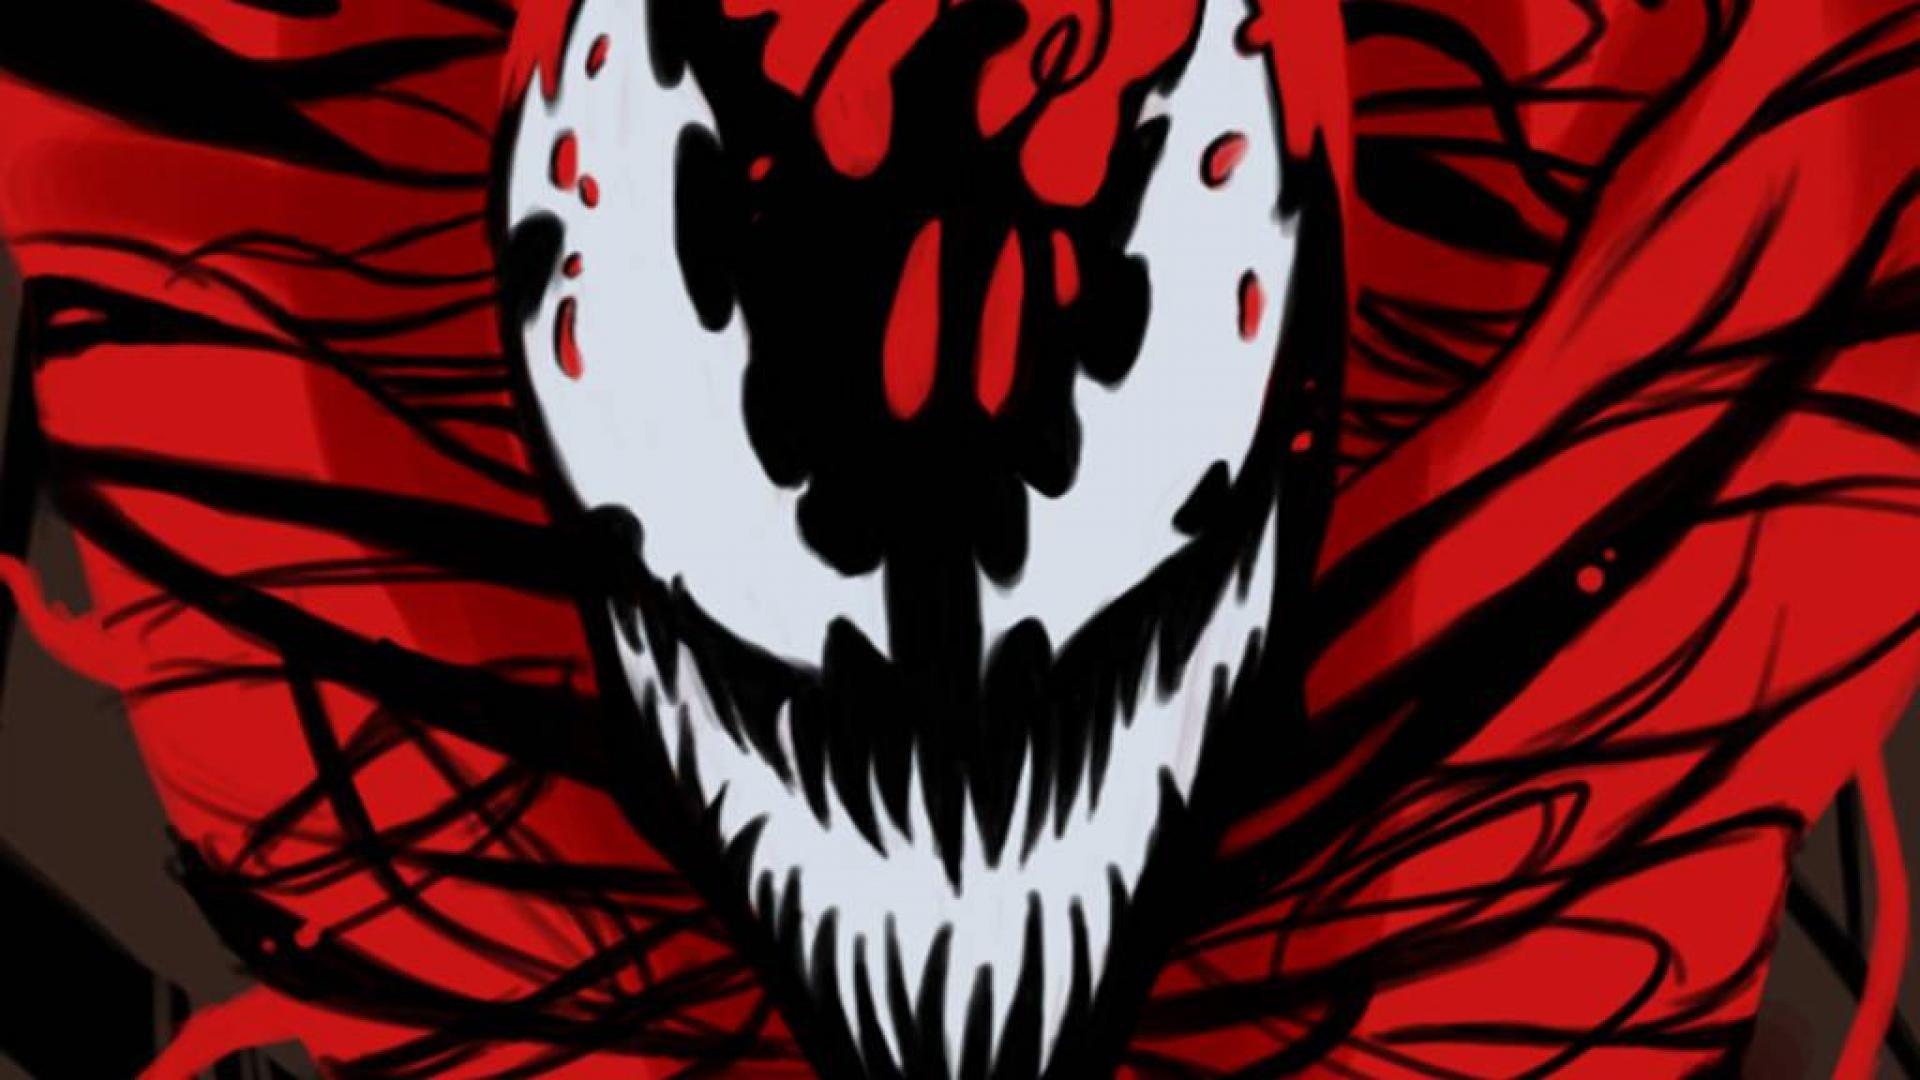 4172 Carnage Jpg 1 920 1 080 Pixels Carnage Marvel Symbiotes Marvel Carnage